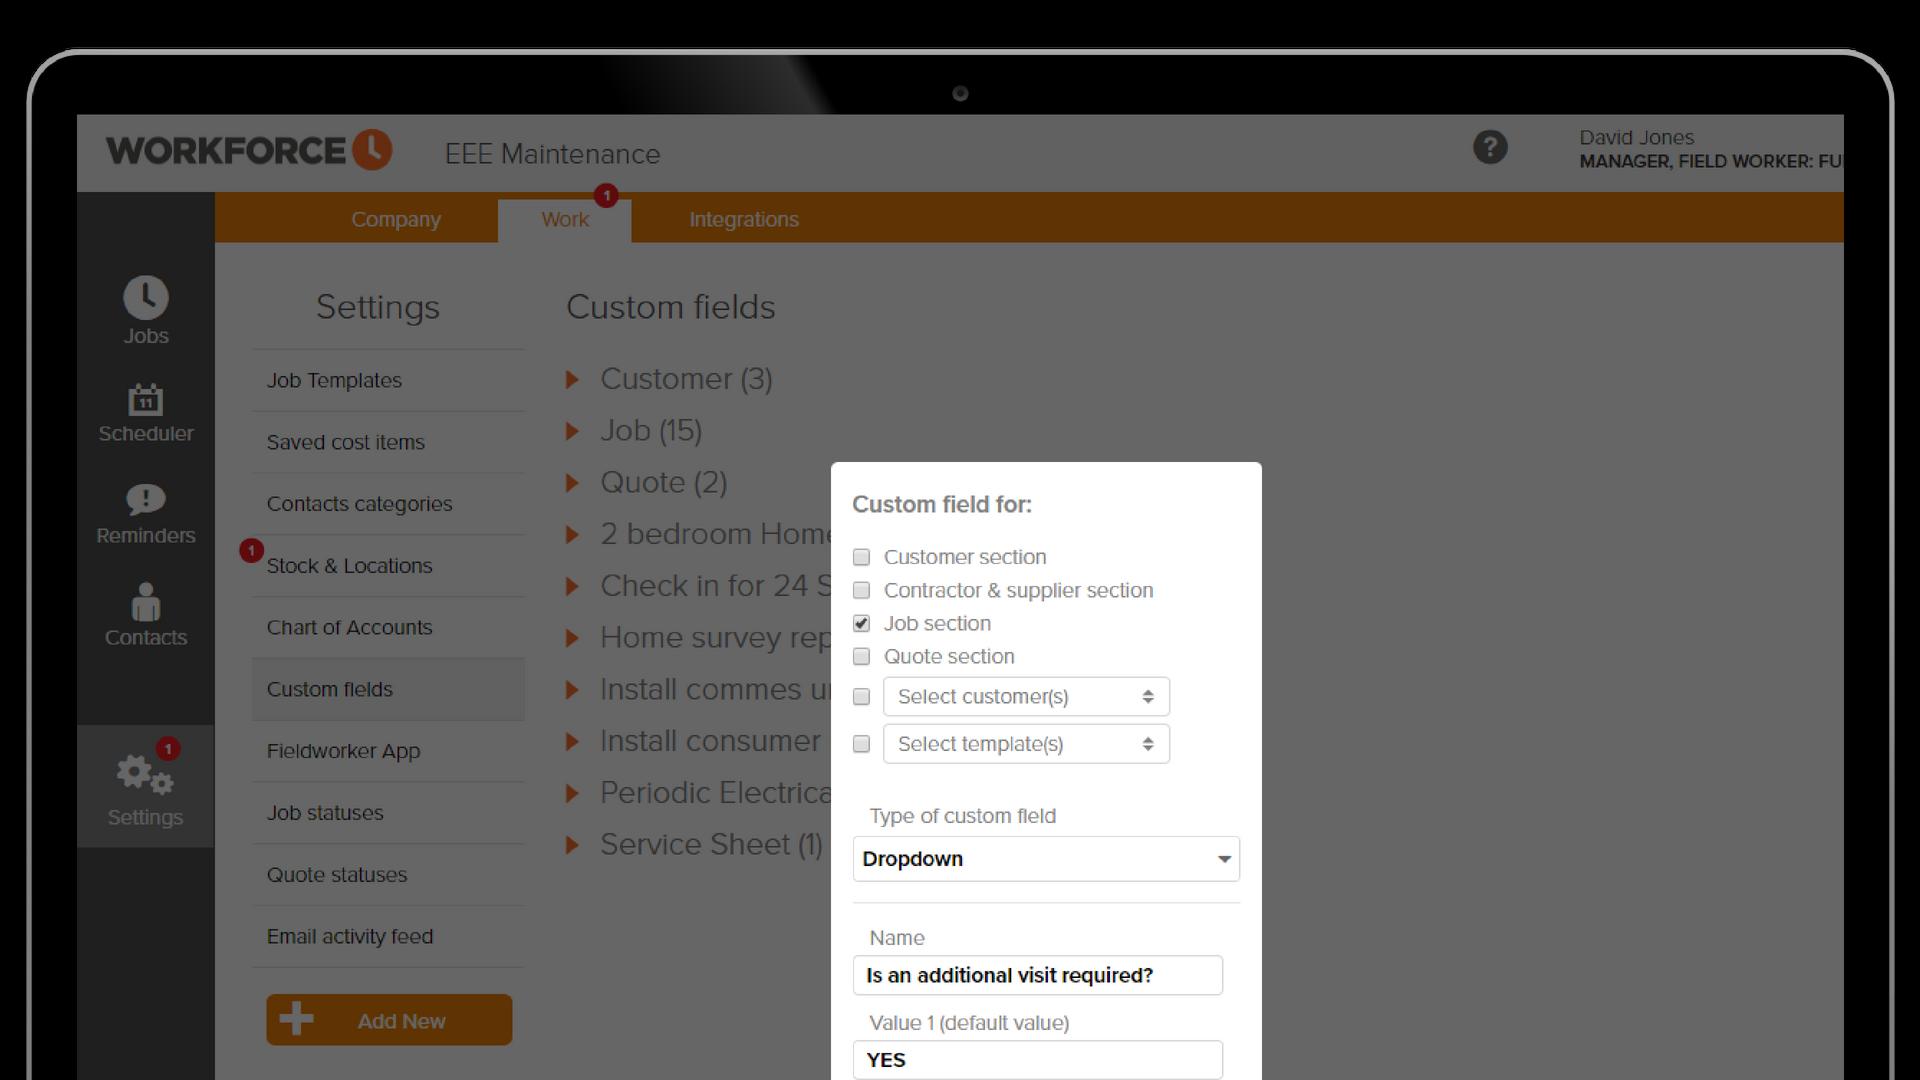 custom-fields-section-screen